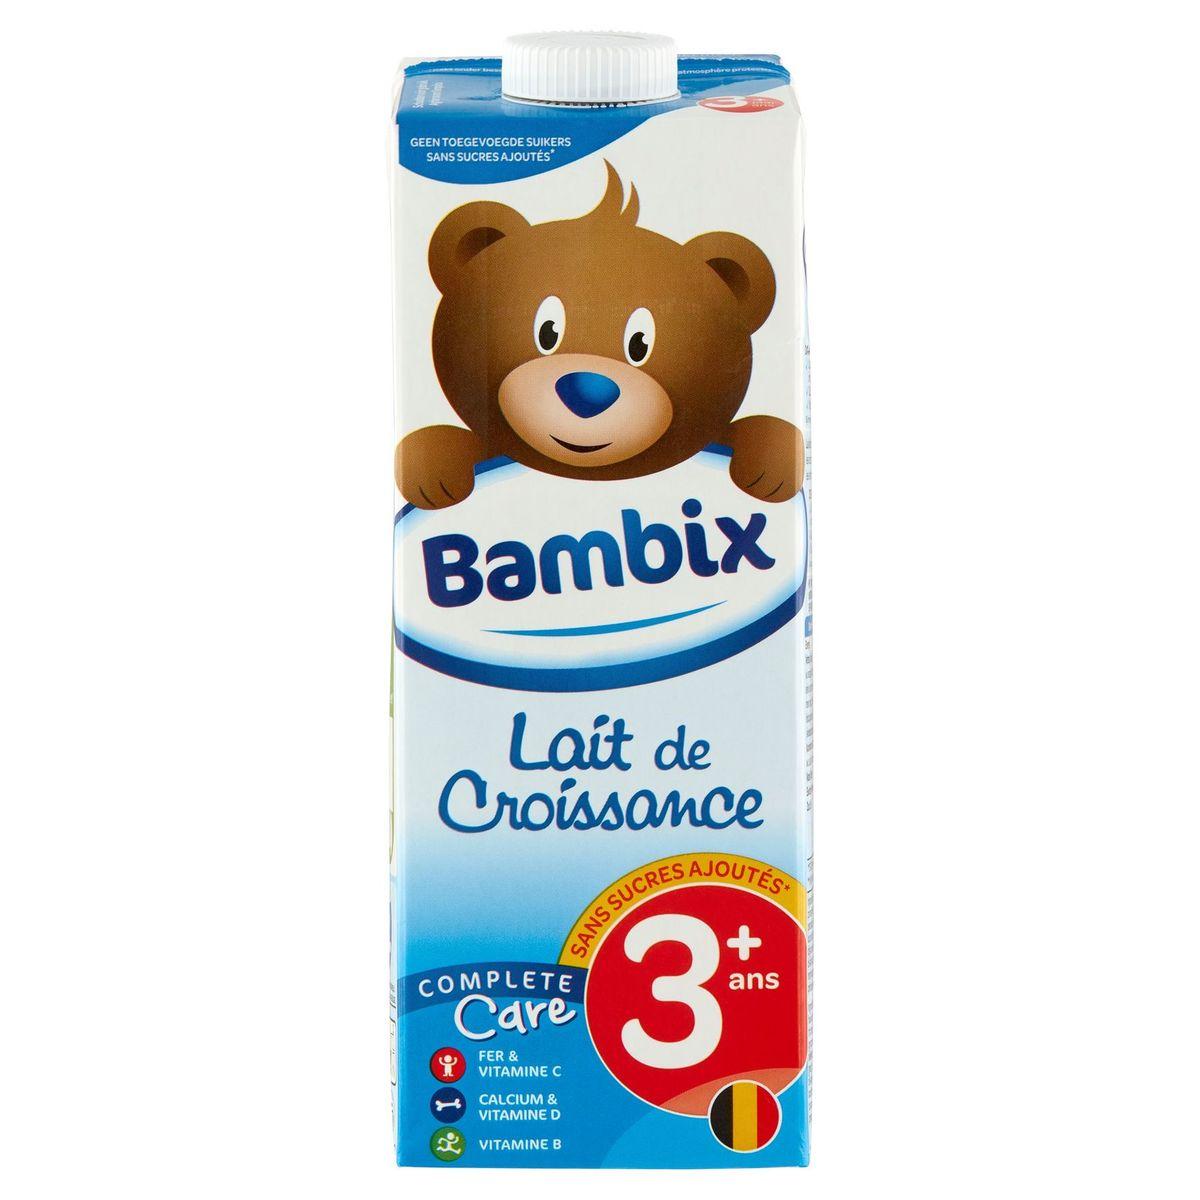 Bambix Groeimelk 3+ Jaar 1 L